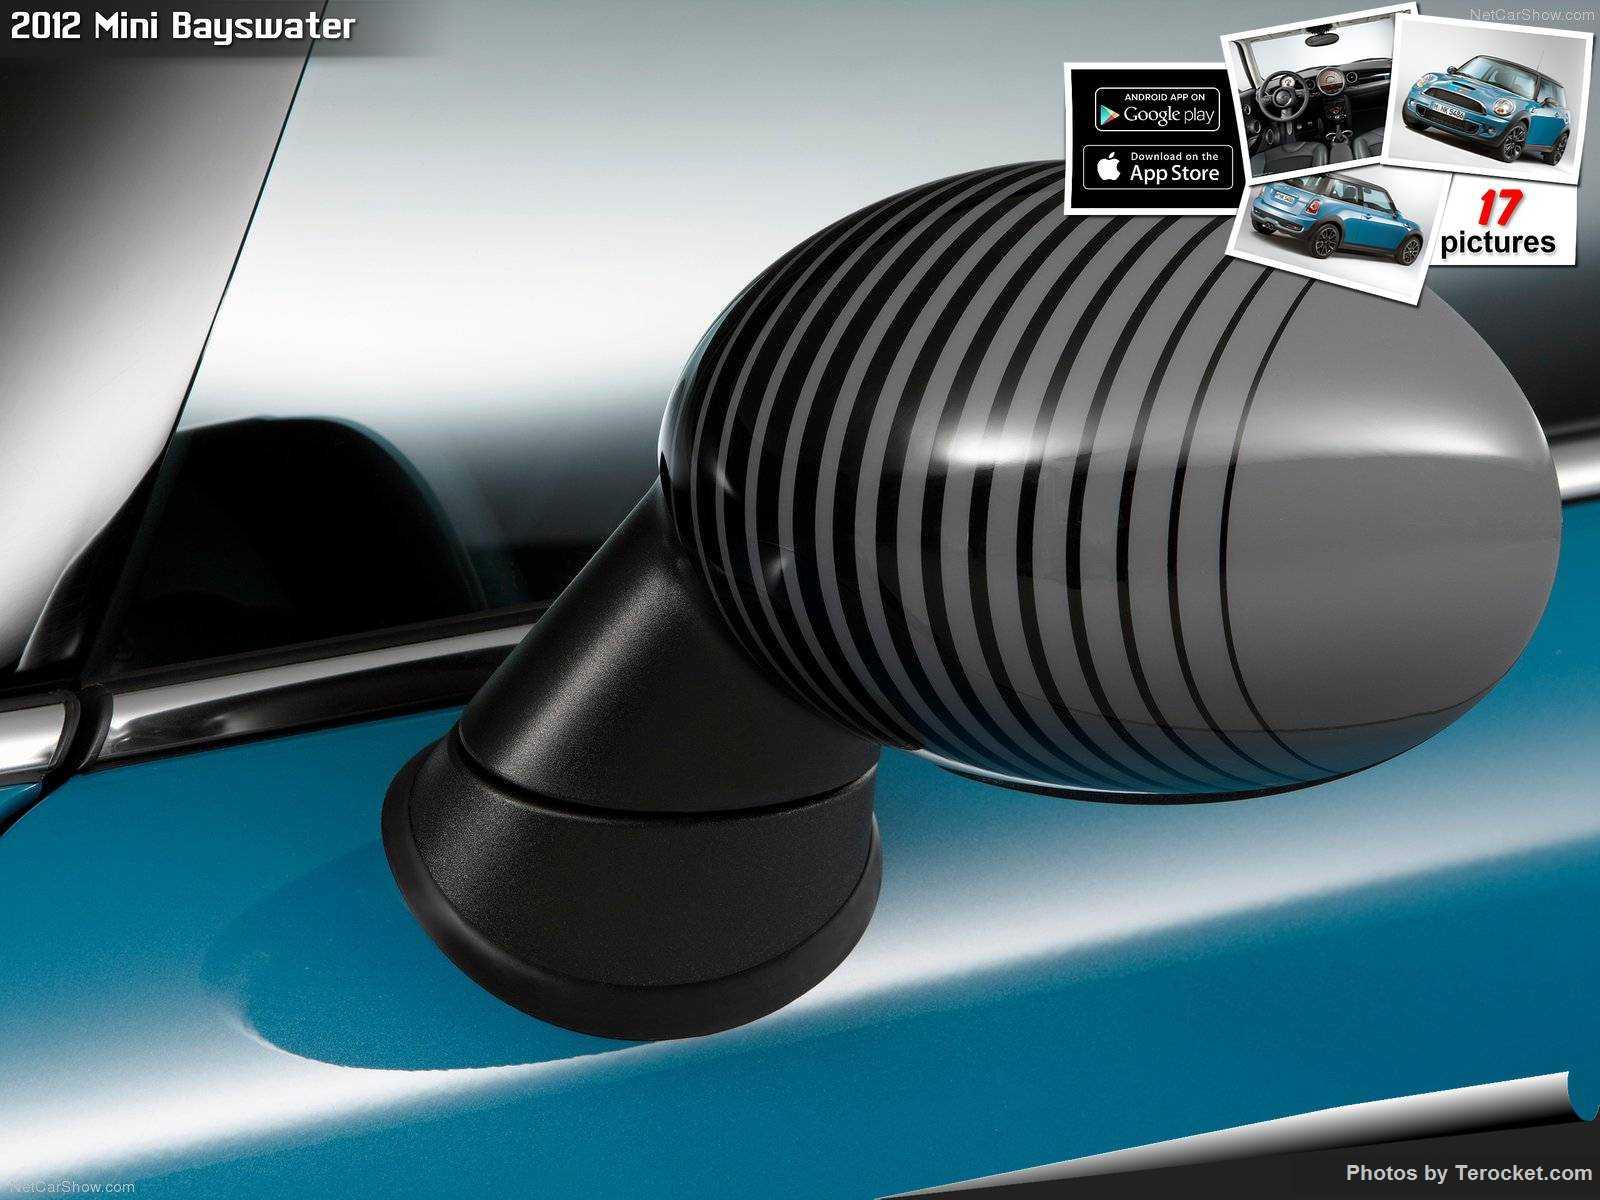 Hình ảnh xe ô tô Mini Bayswater 2012 & nội ngoại thất